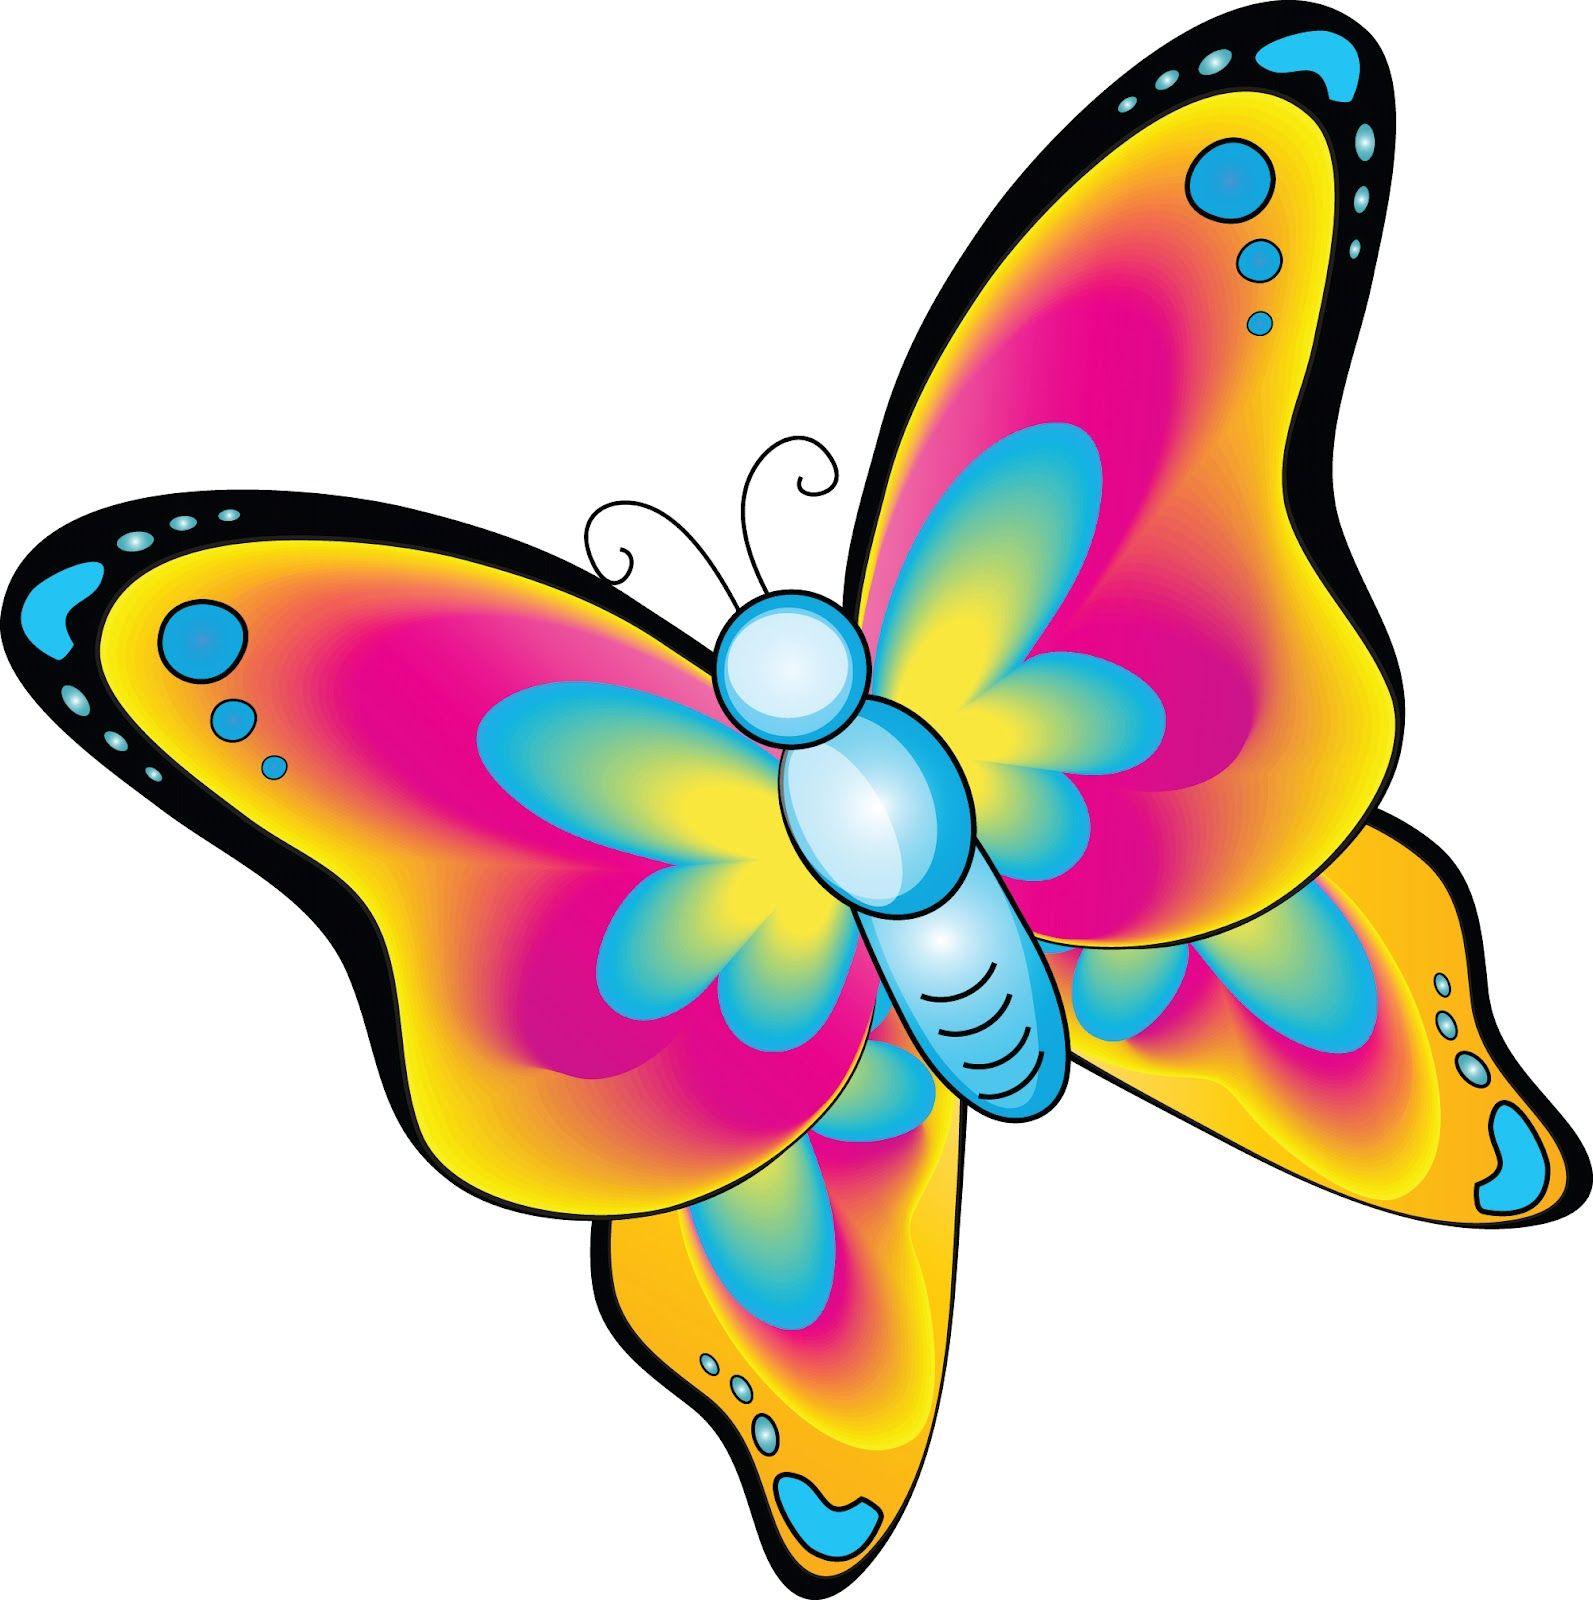 cartoon butterfly - Google Search | Mariposas, Butterfly ...